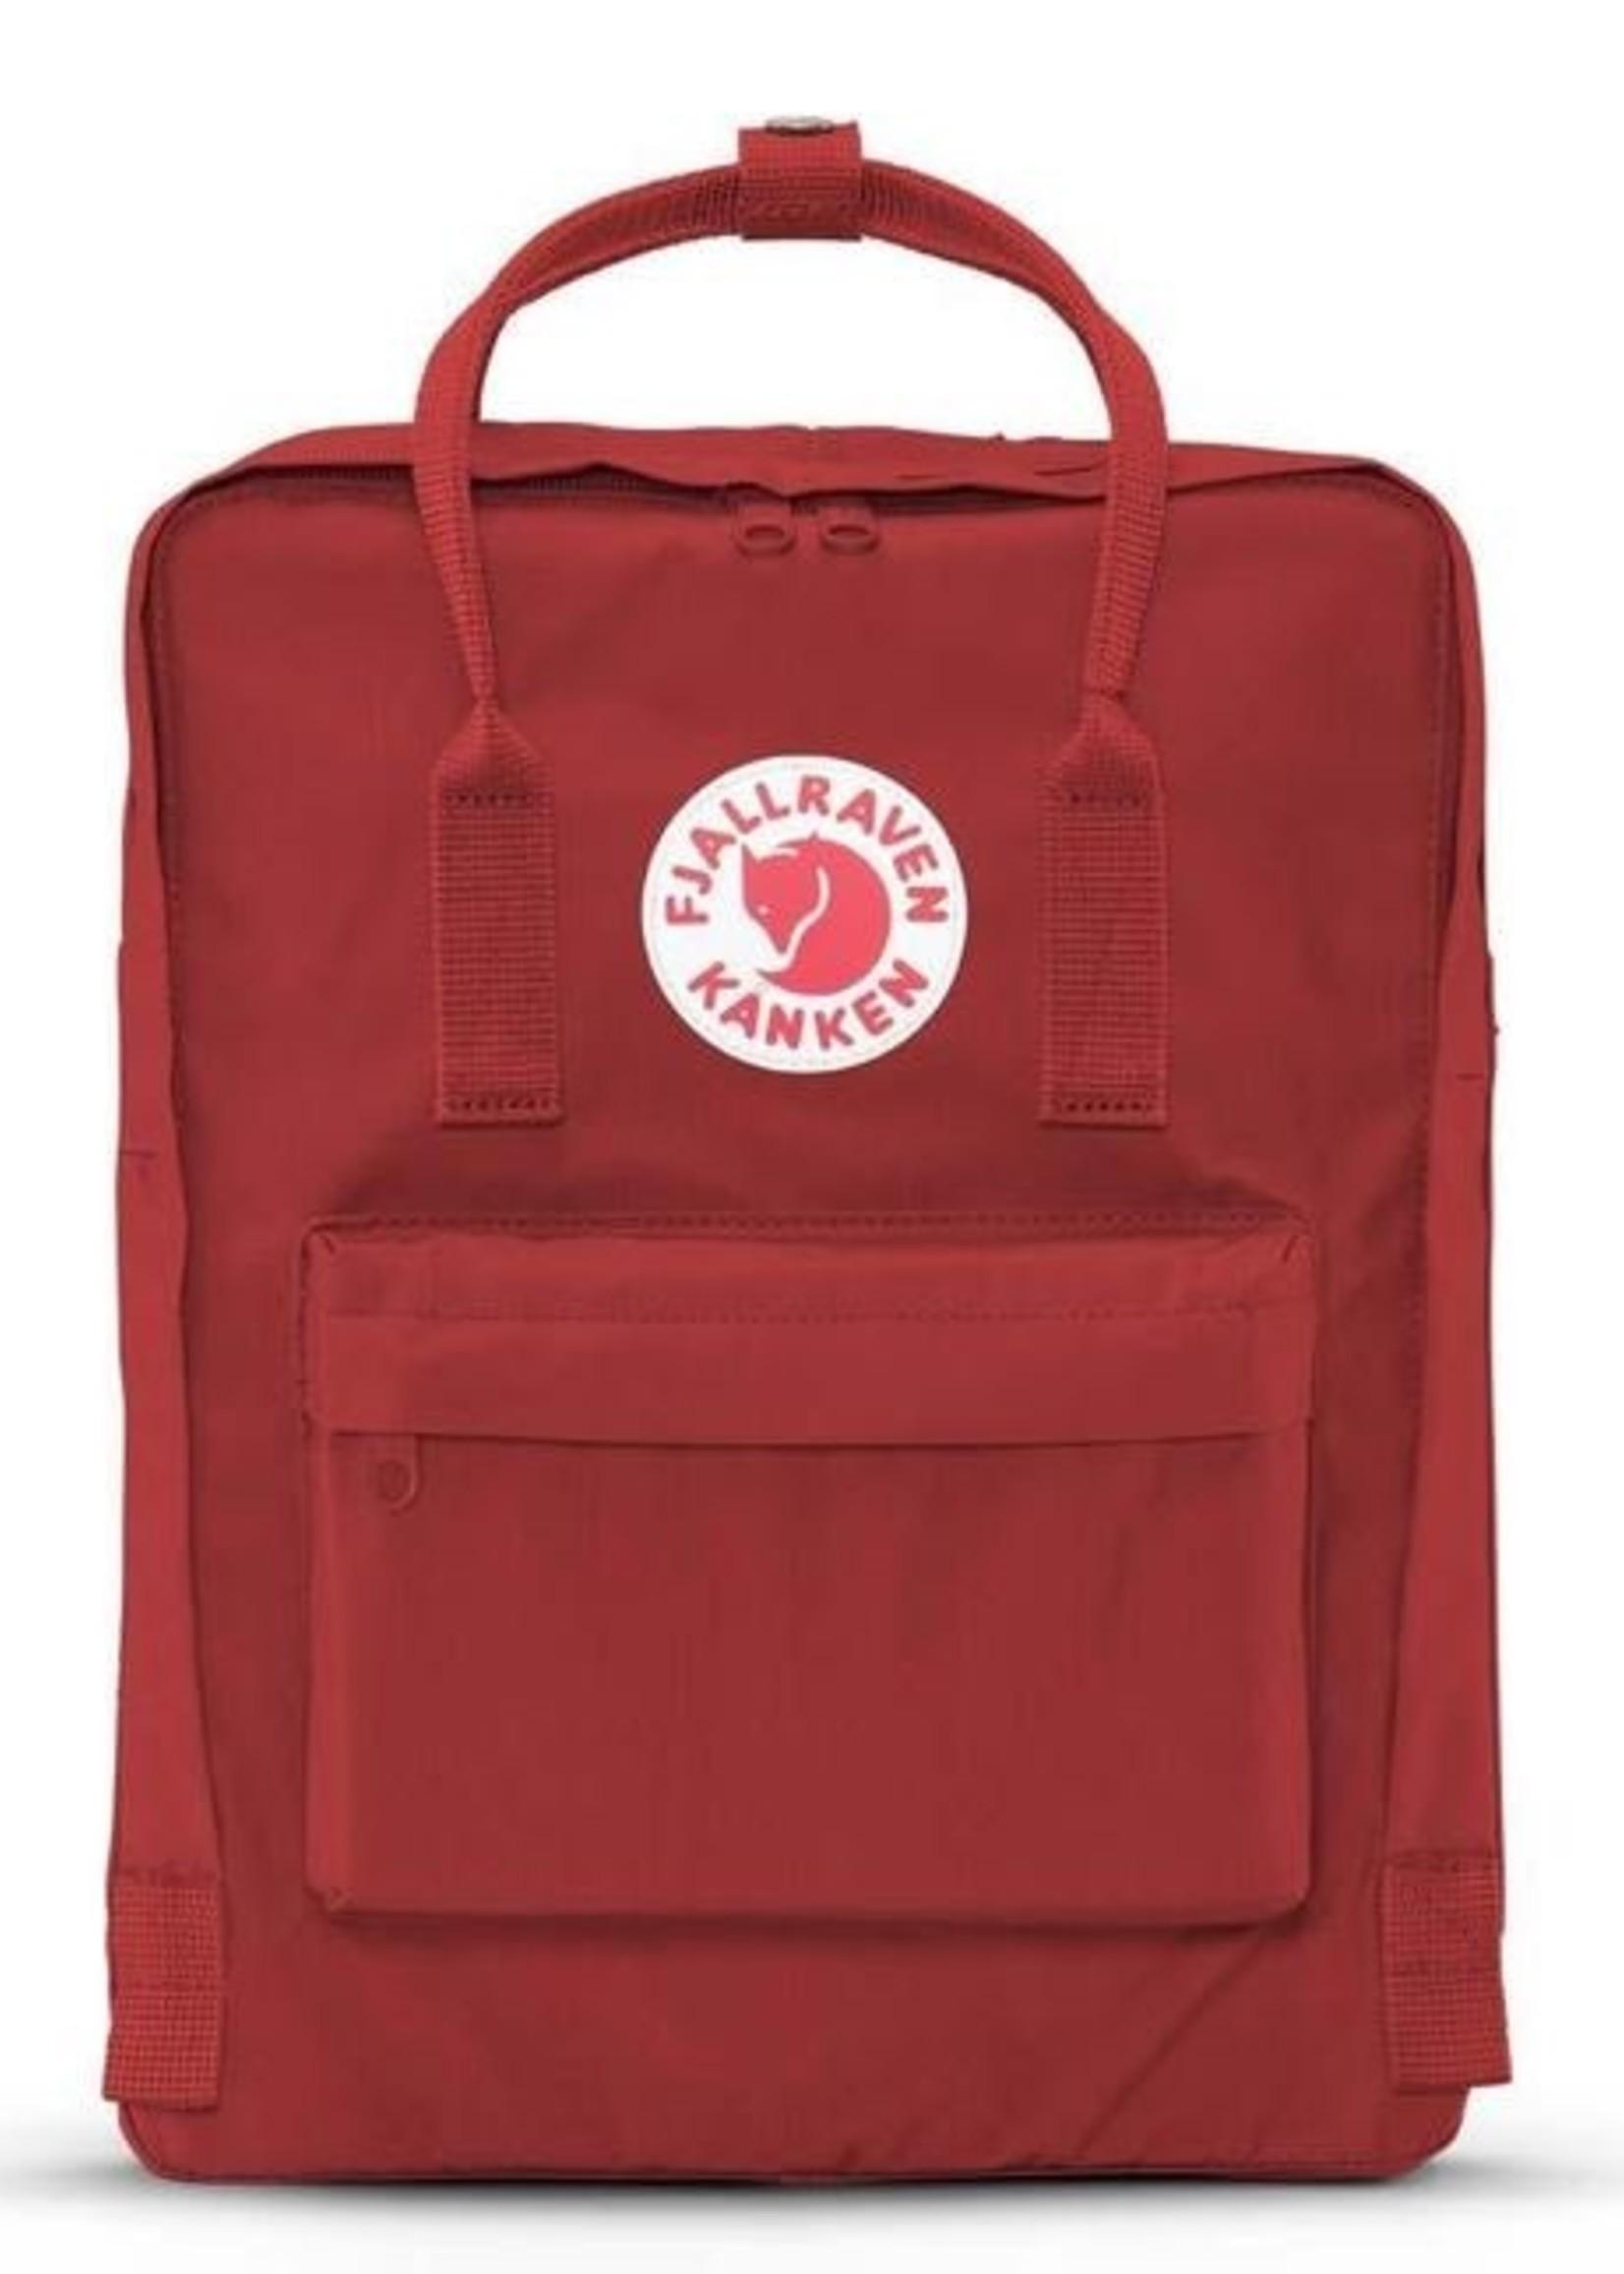 FJALL RAVEN Kanken Backpack DEEP RED